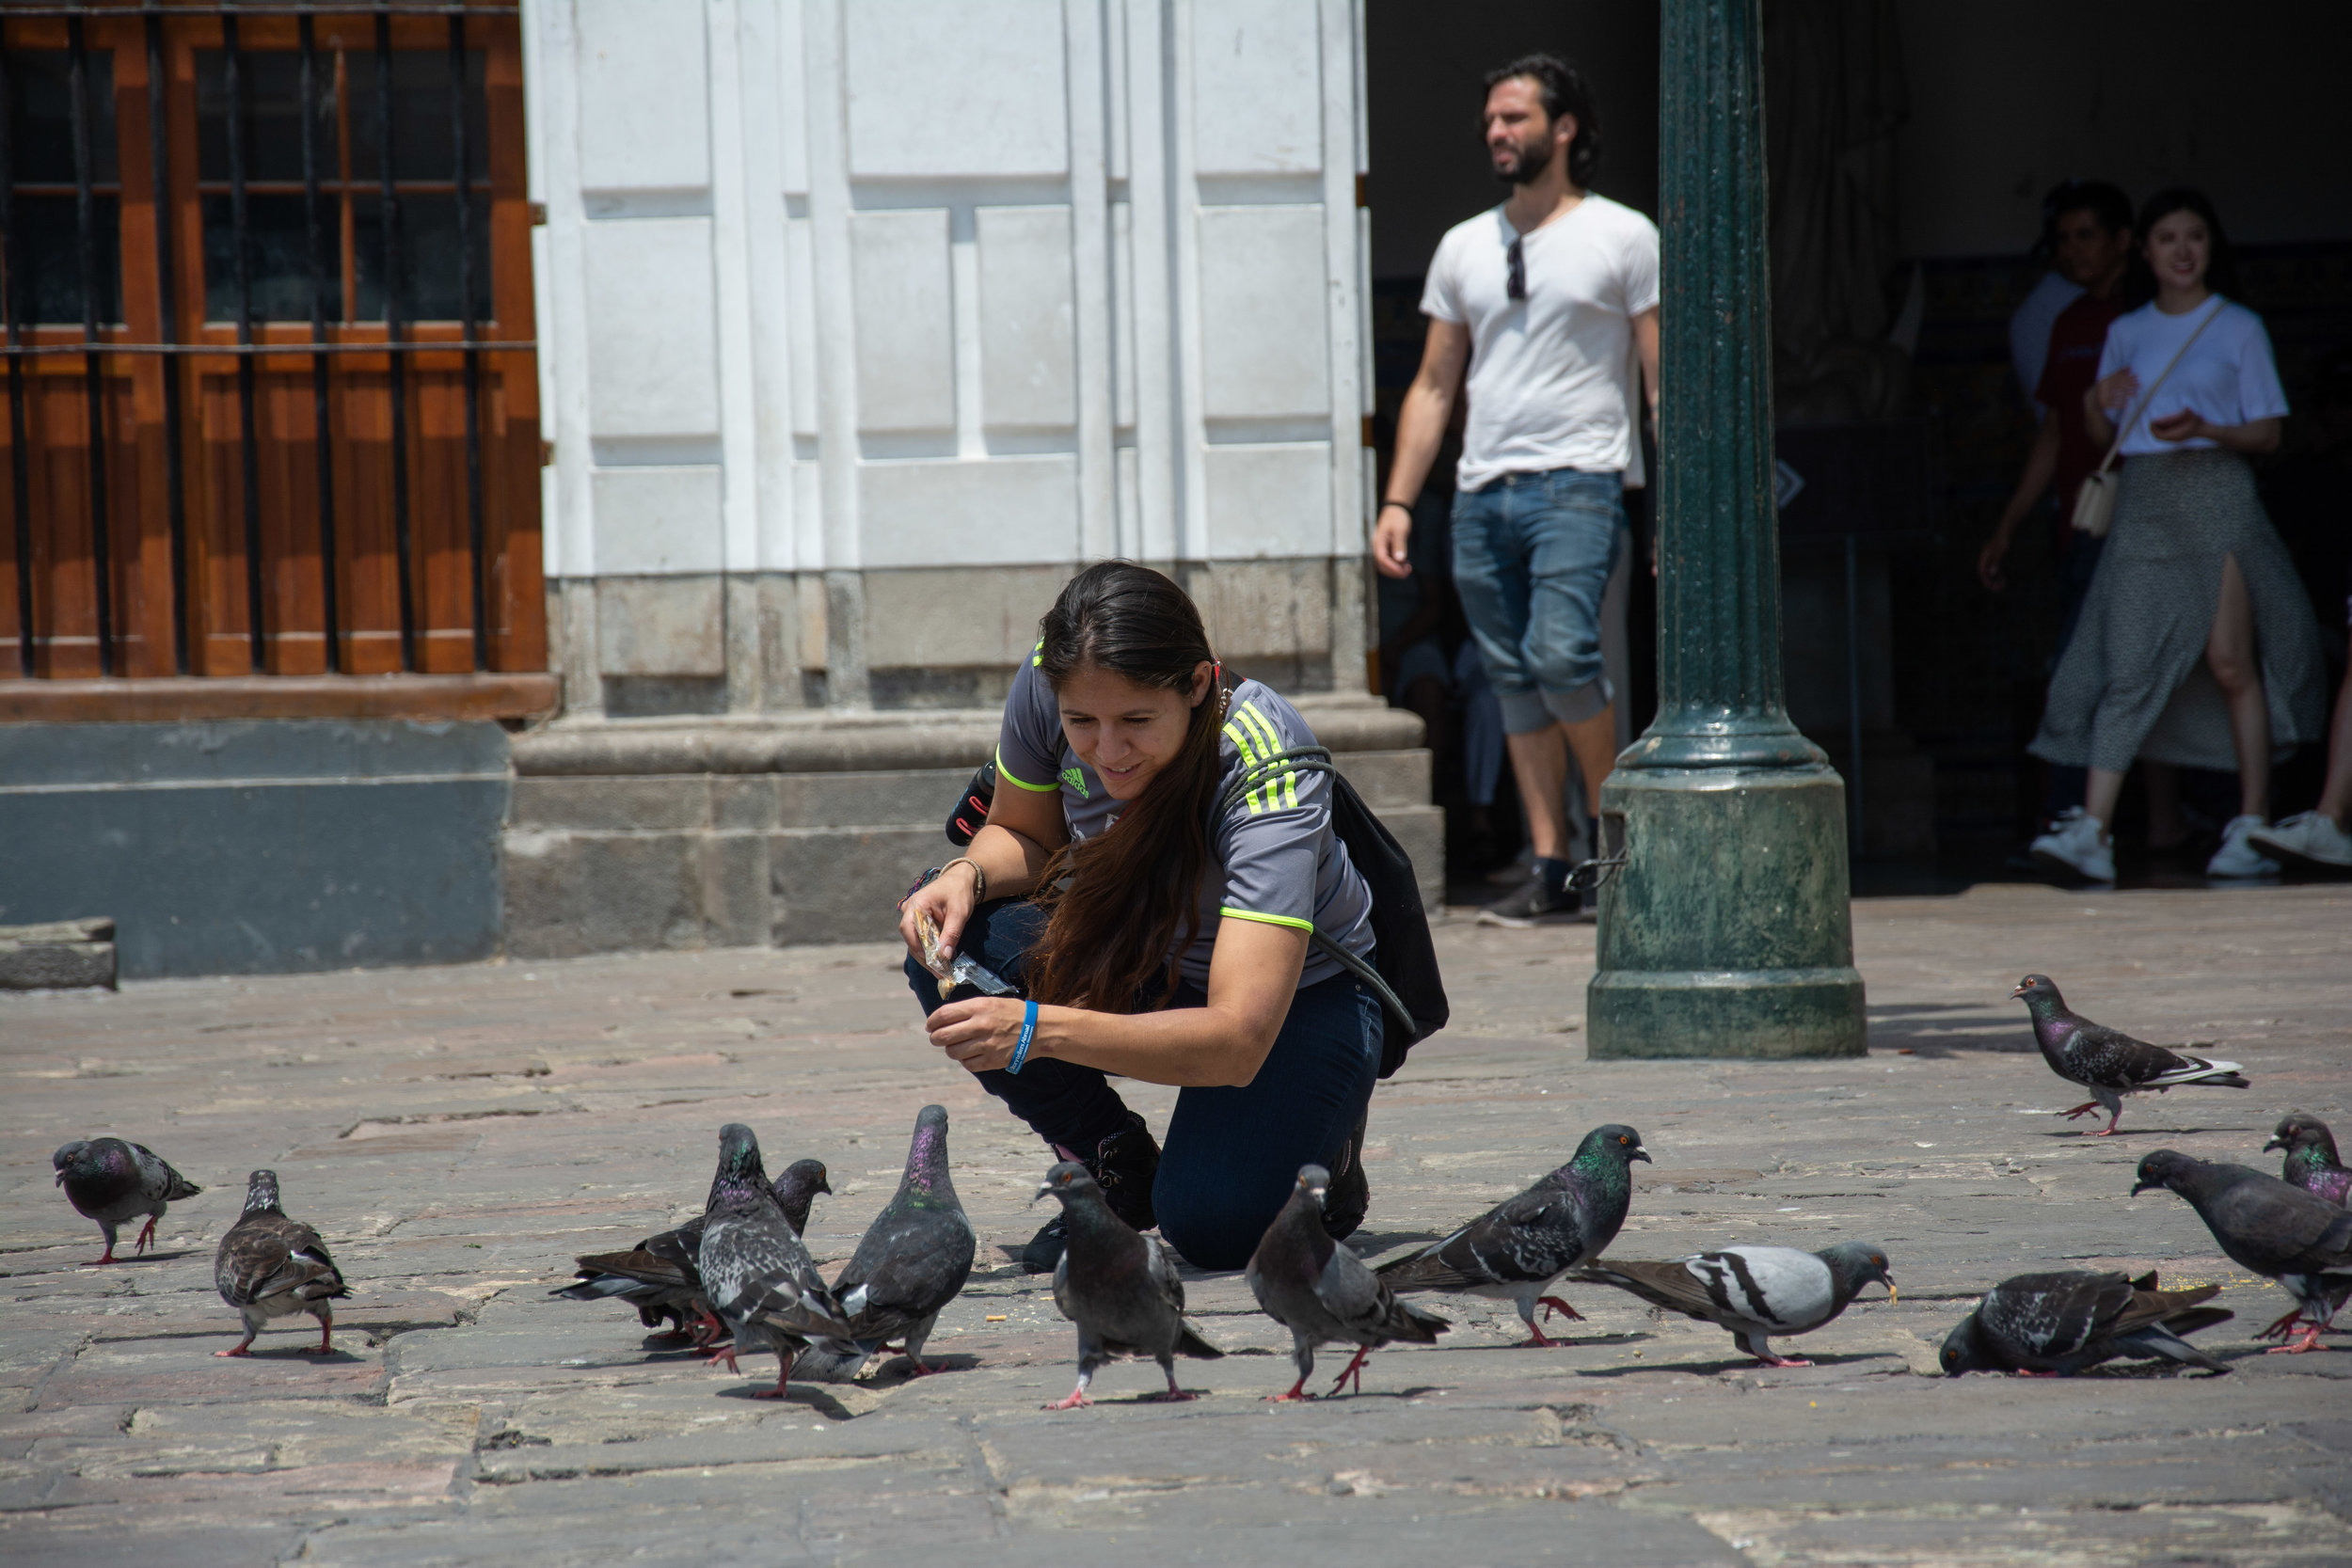 Pigeon Whisperer